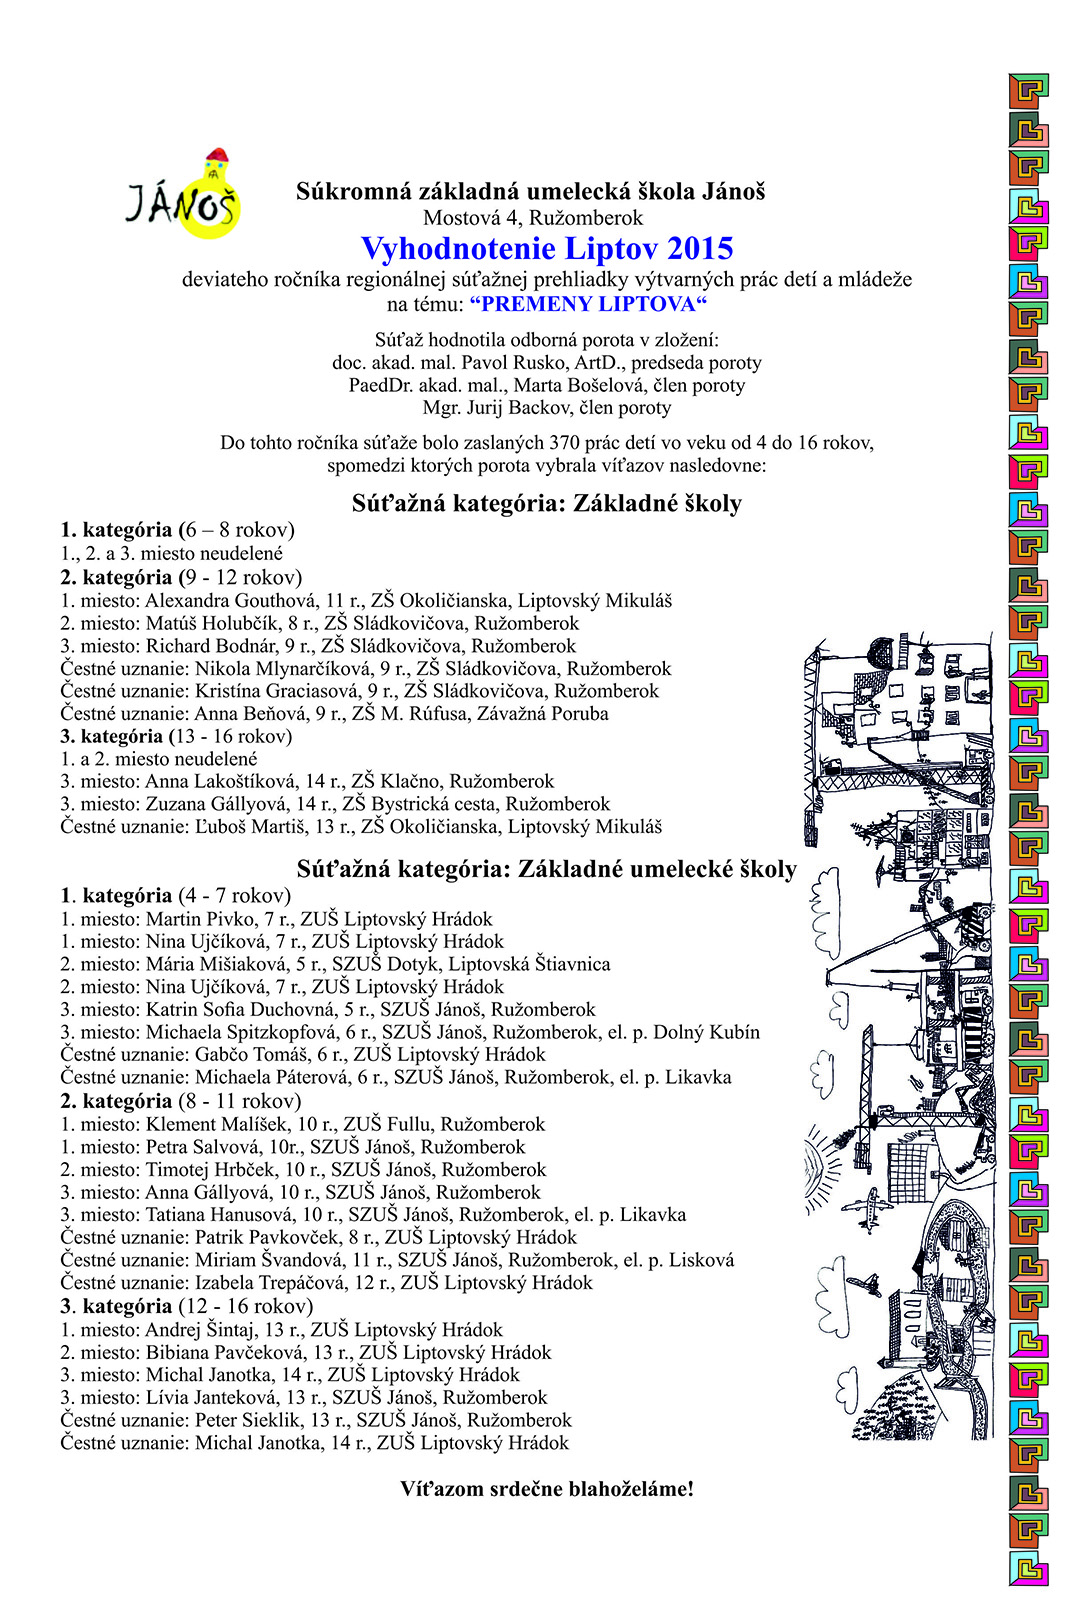 vysledkova-listina-liptov-2015_net